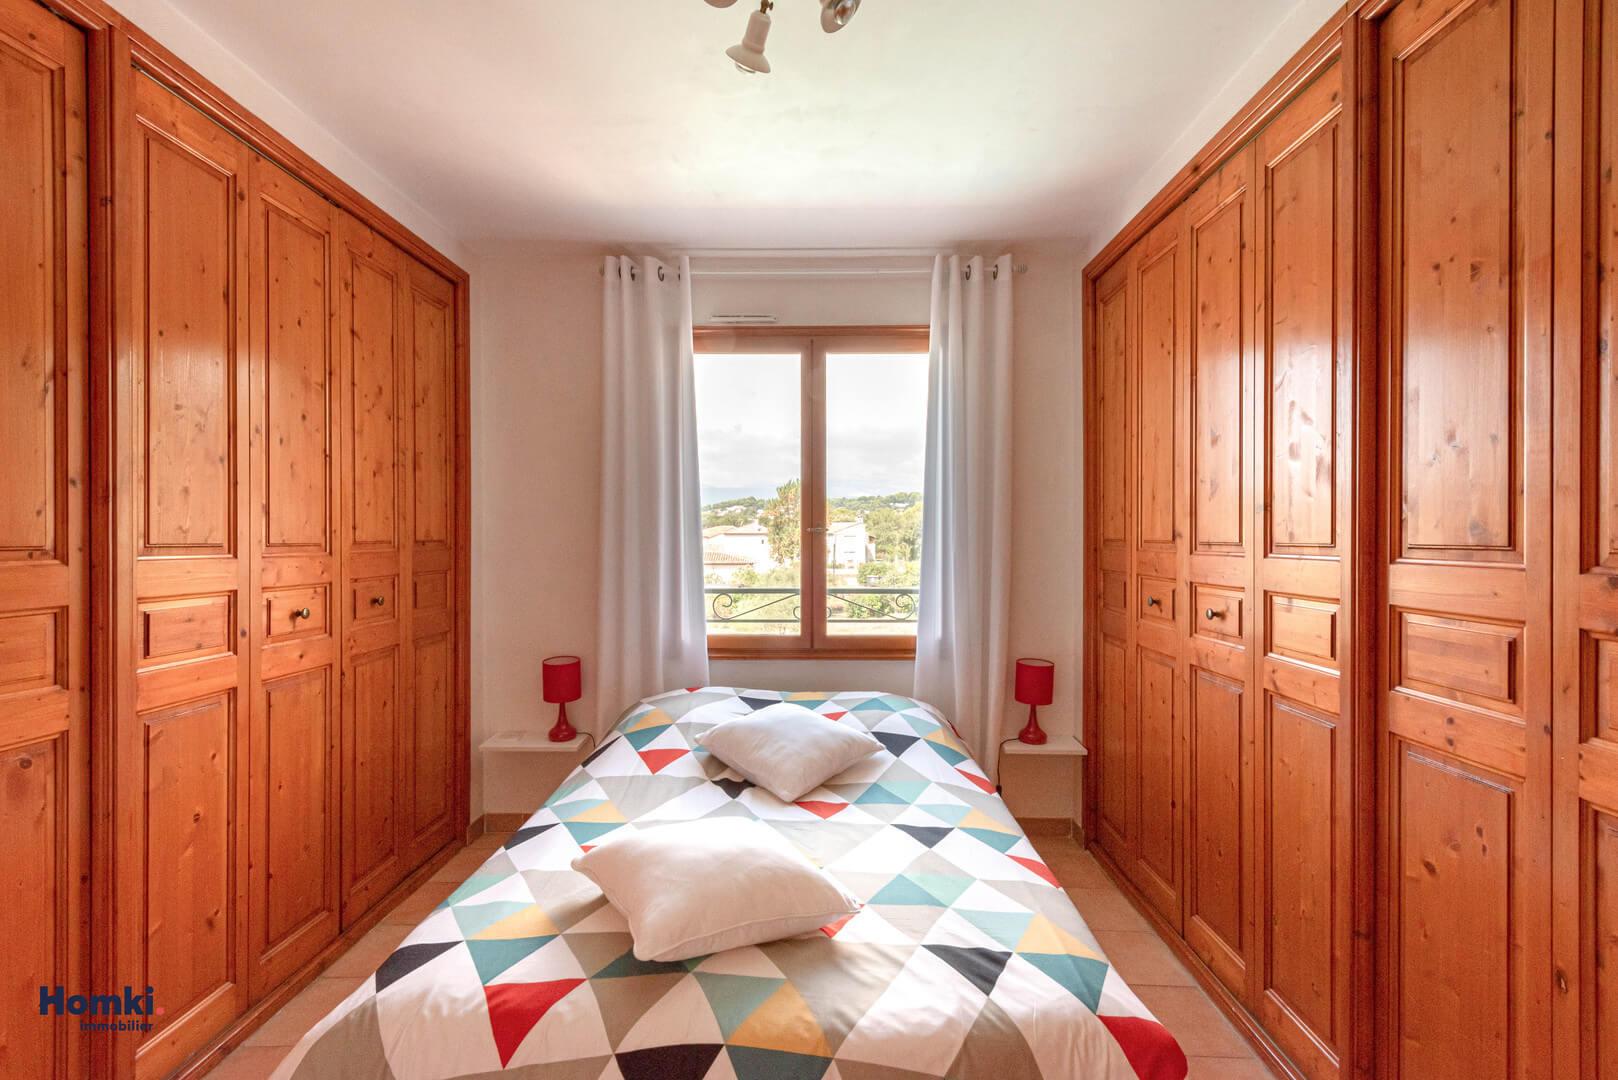 Vente Maison 169 m² T7 06410 Biot_8